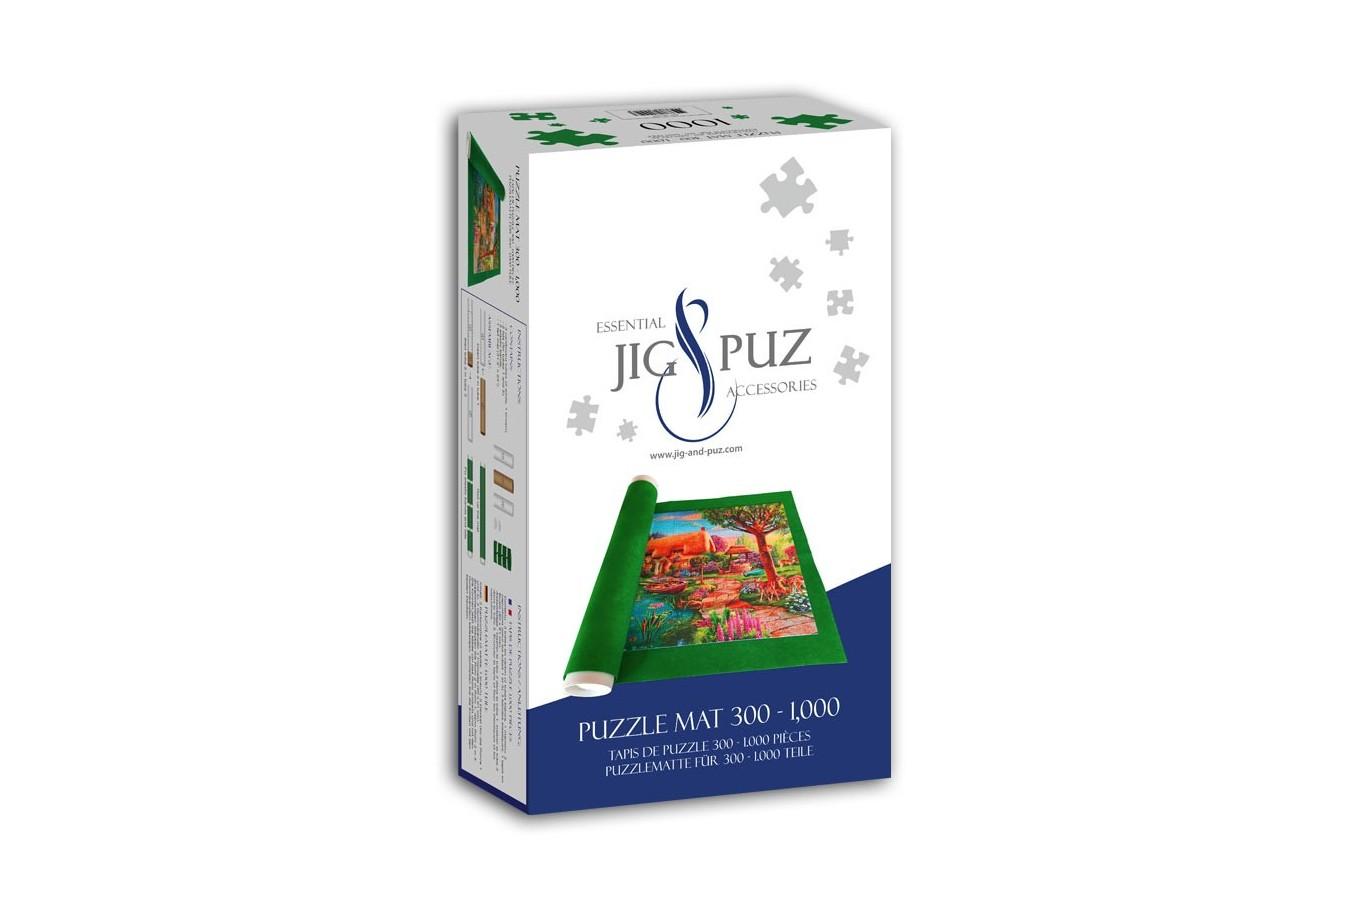 Covor pentru puzzle Jig & Puz 300-1000 piese imagine